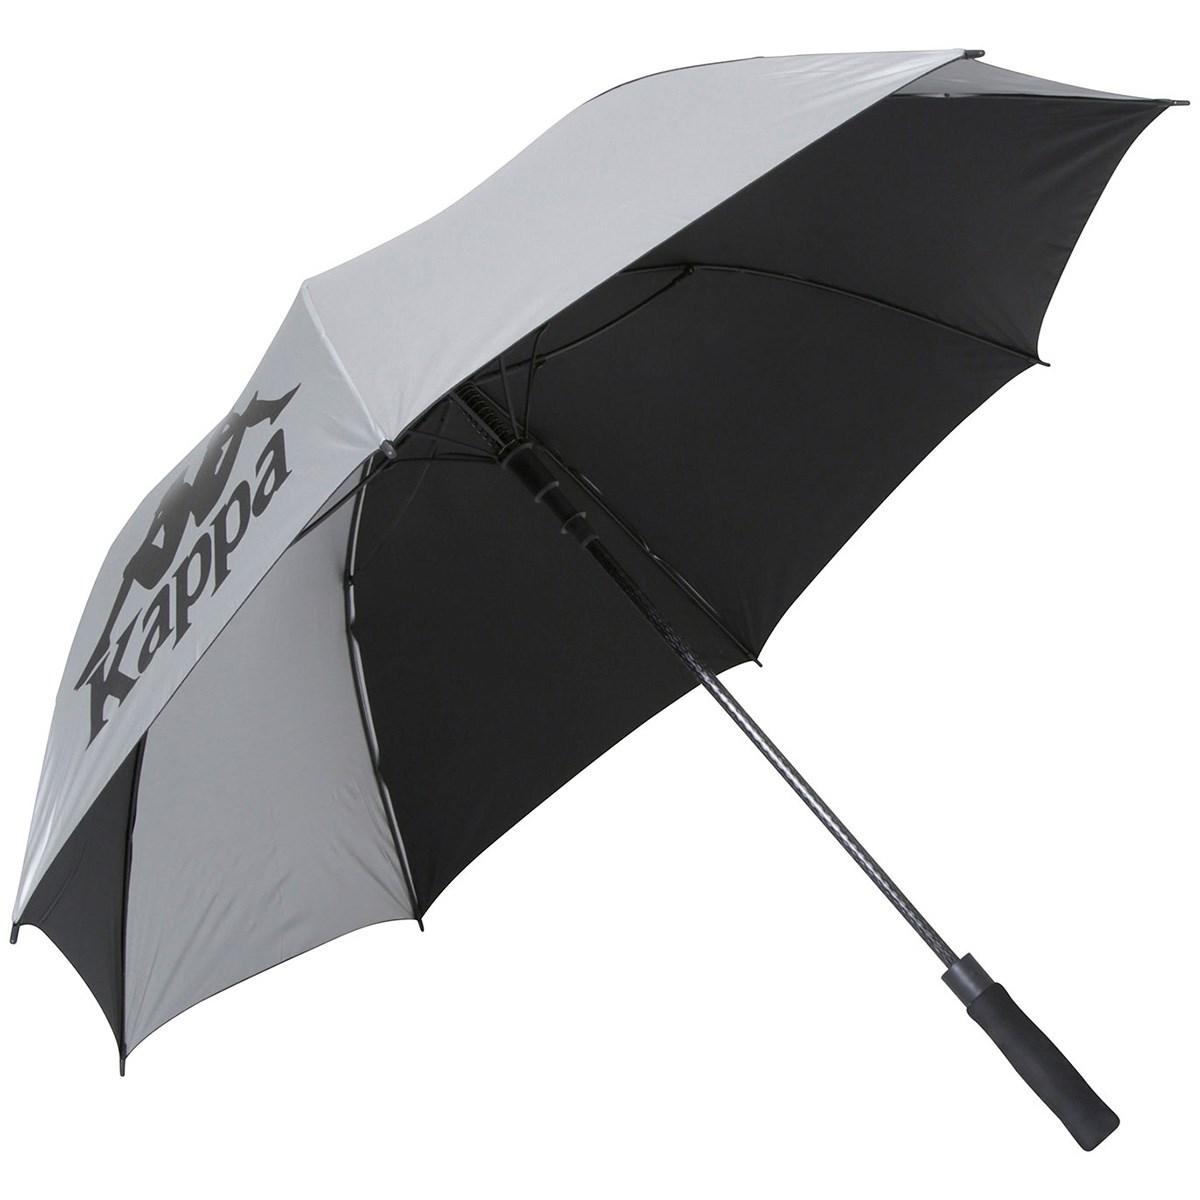 カッパ Kappa 晴雨兼用傘 シルバー